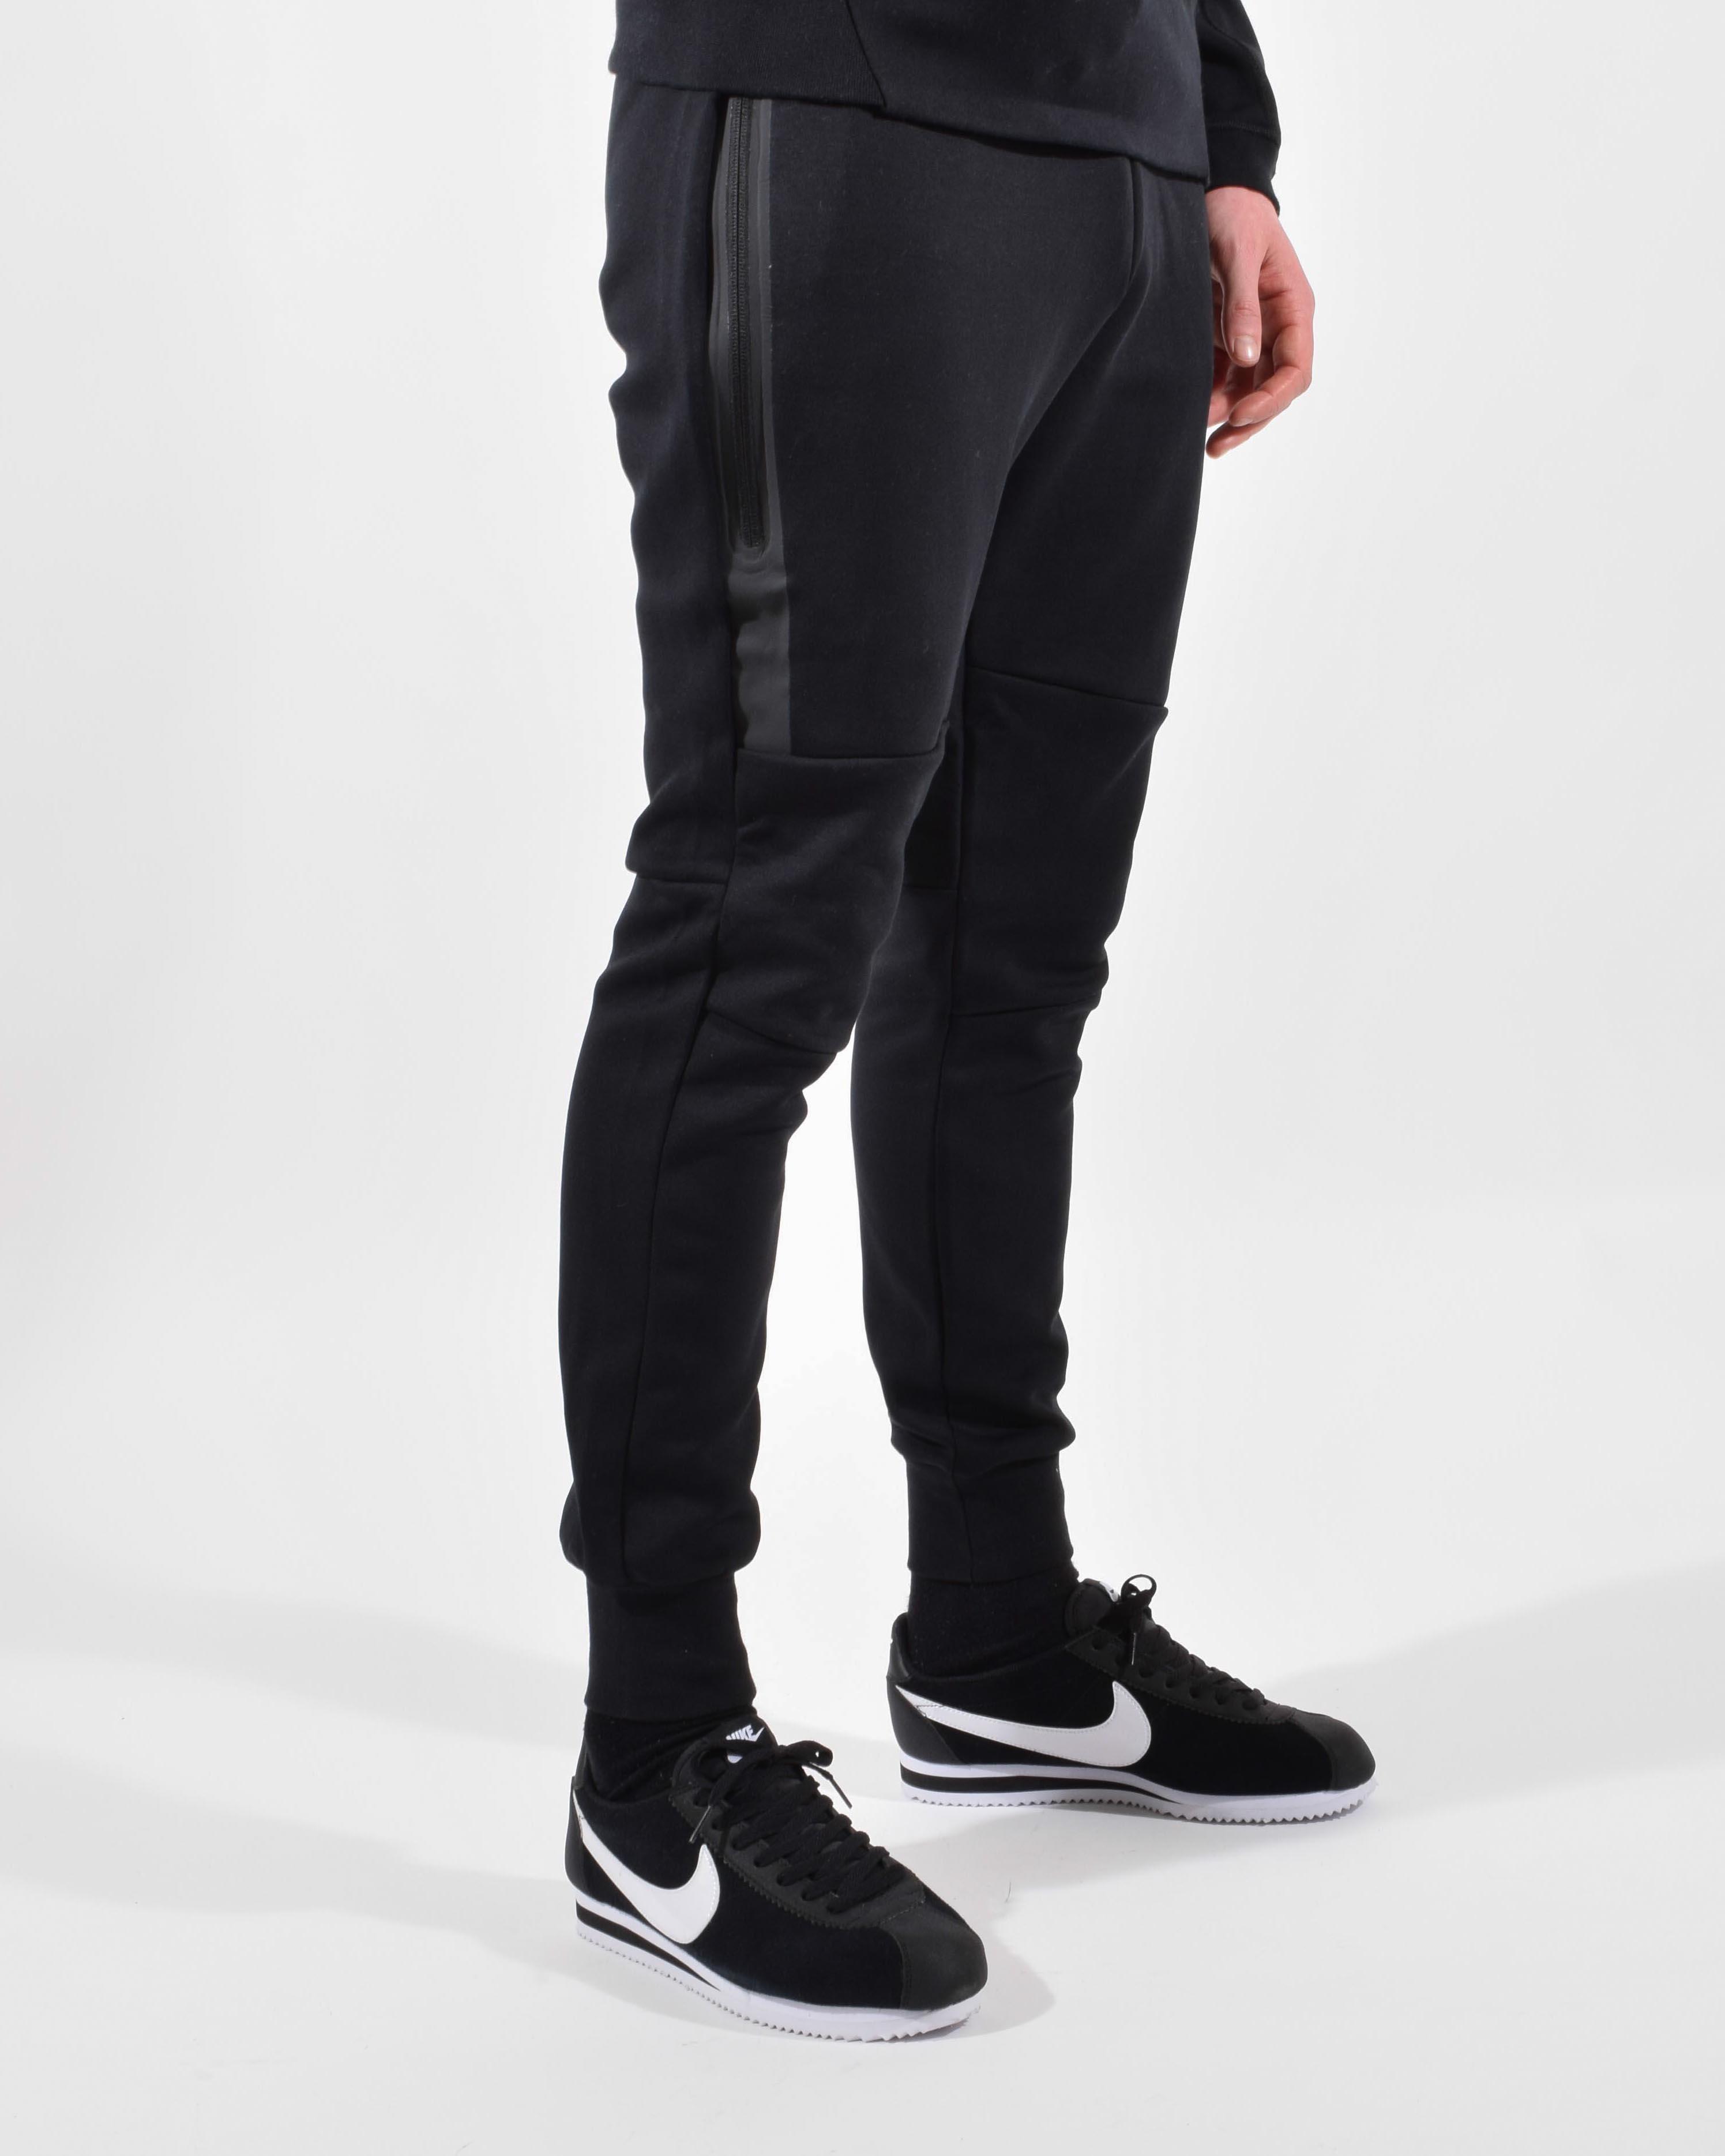 black nike tech pants